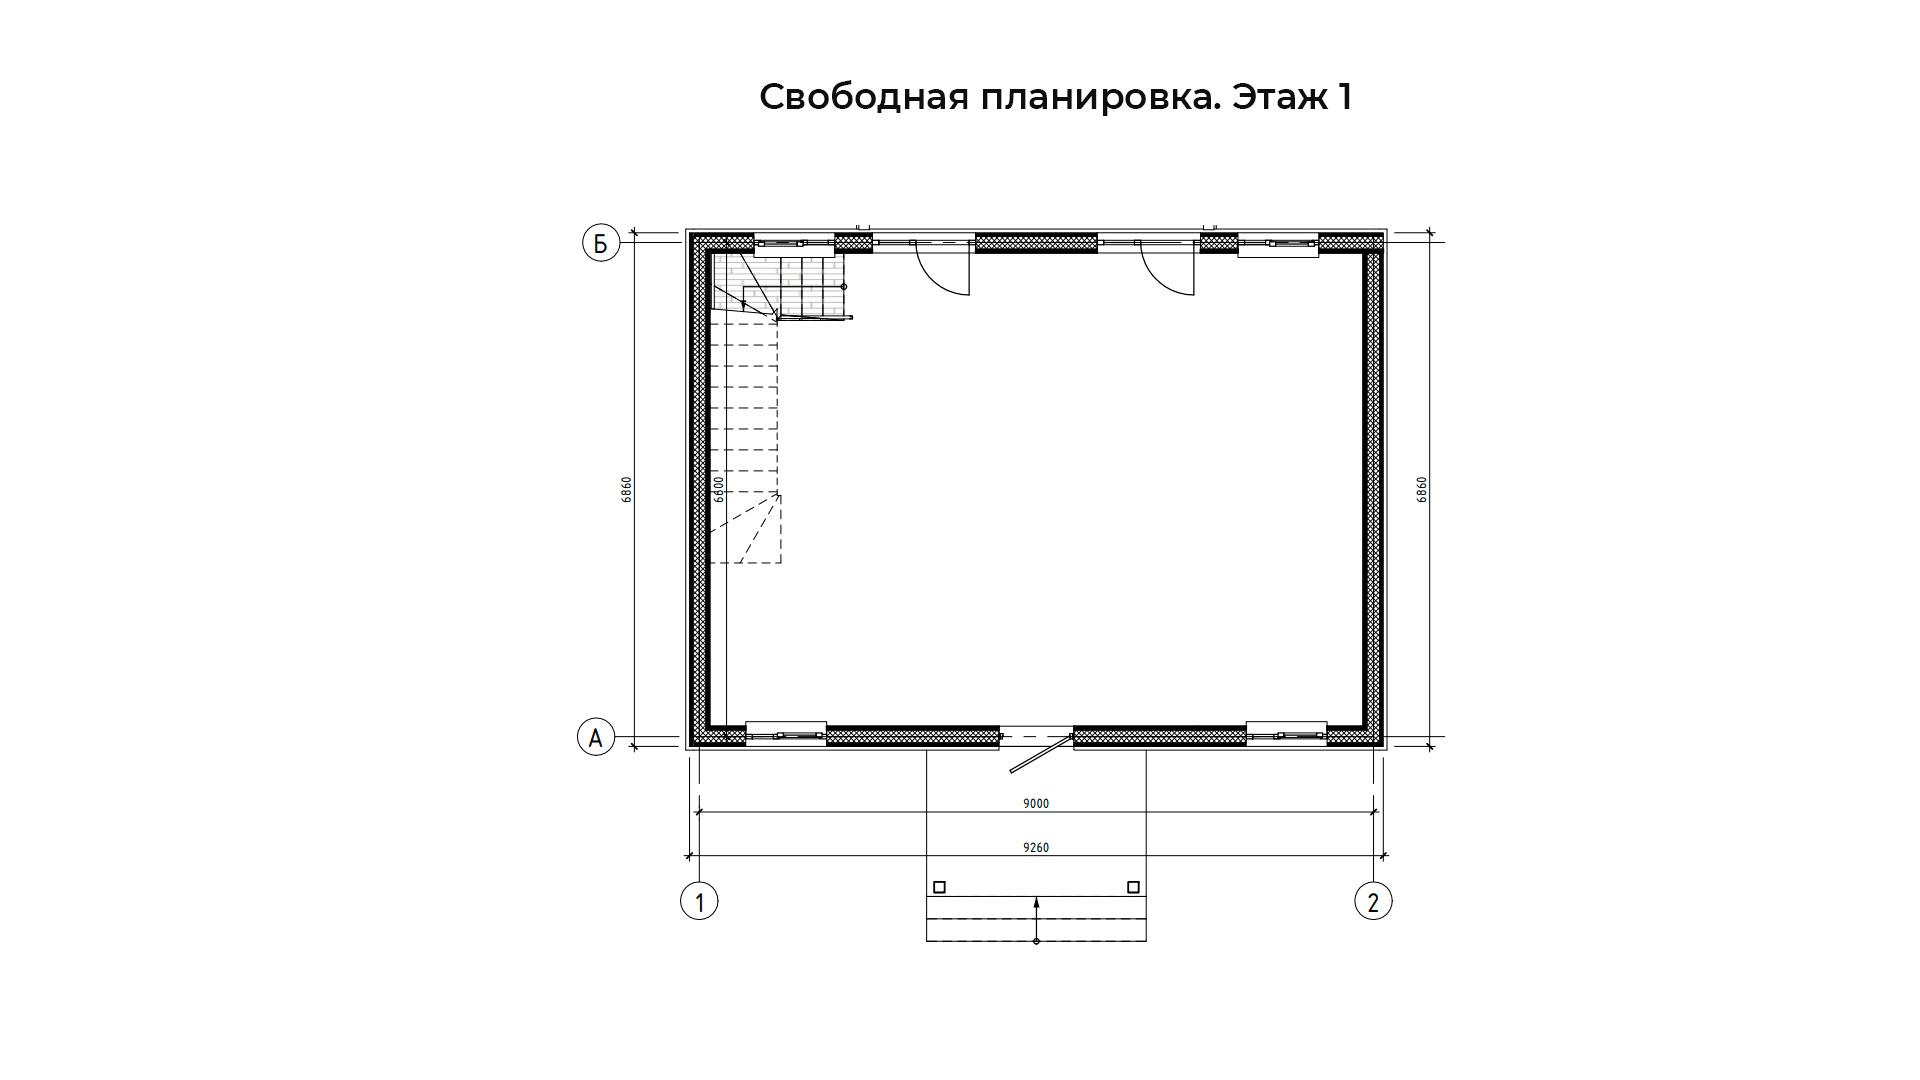 Свободная планировка первого этажа коттеджа БП-105.